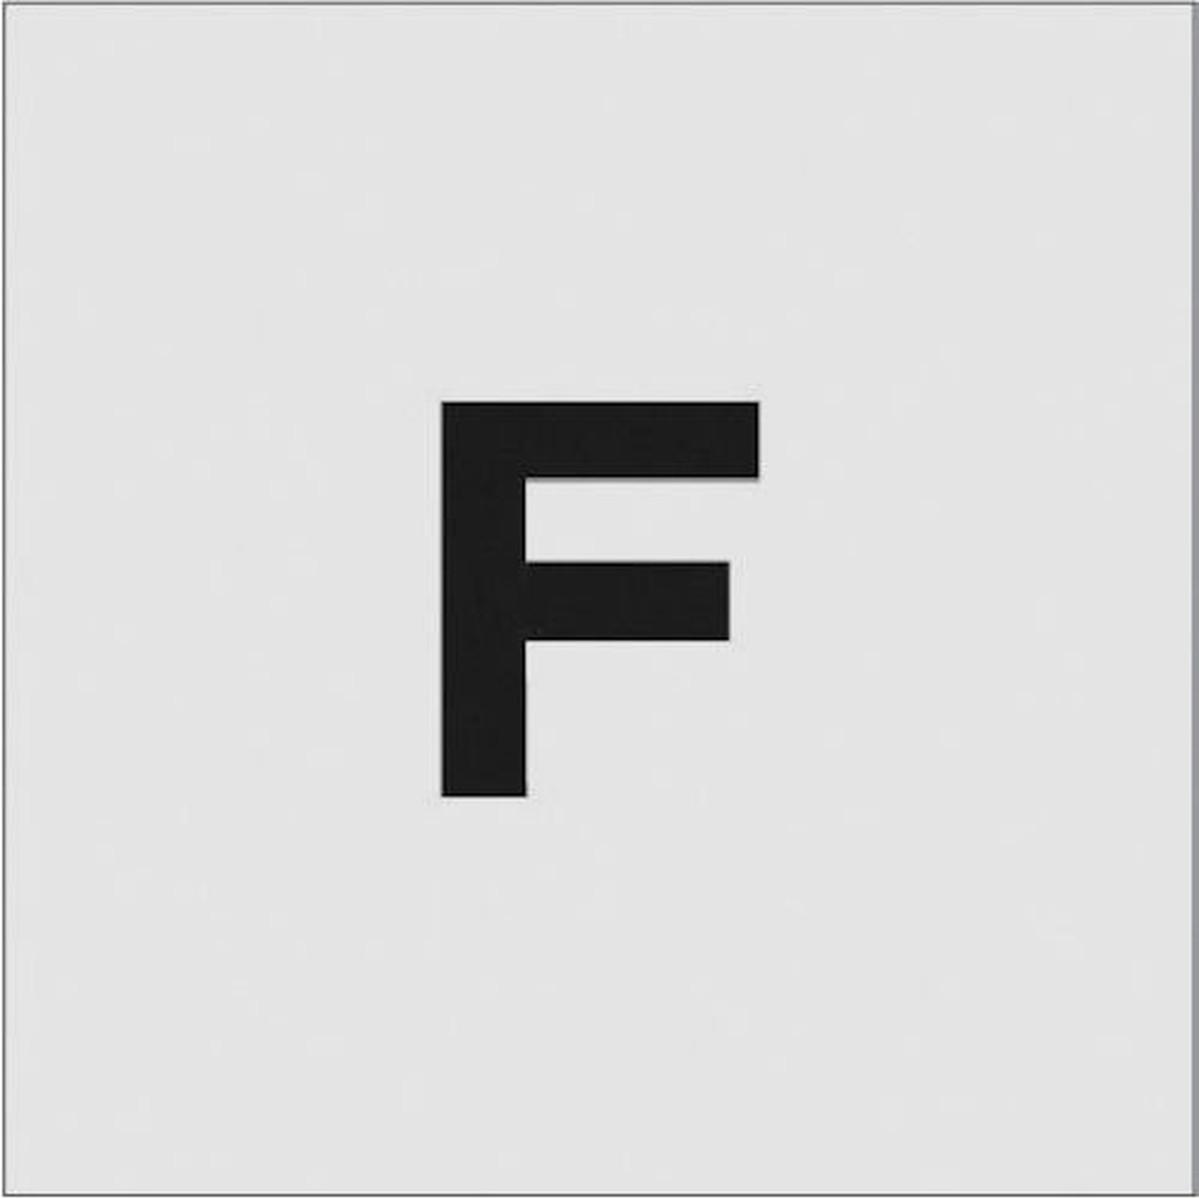 信託 定価 あす楽対応 DIY用品 IM ステンシル 1枚 F 文字サイズ50×40mm